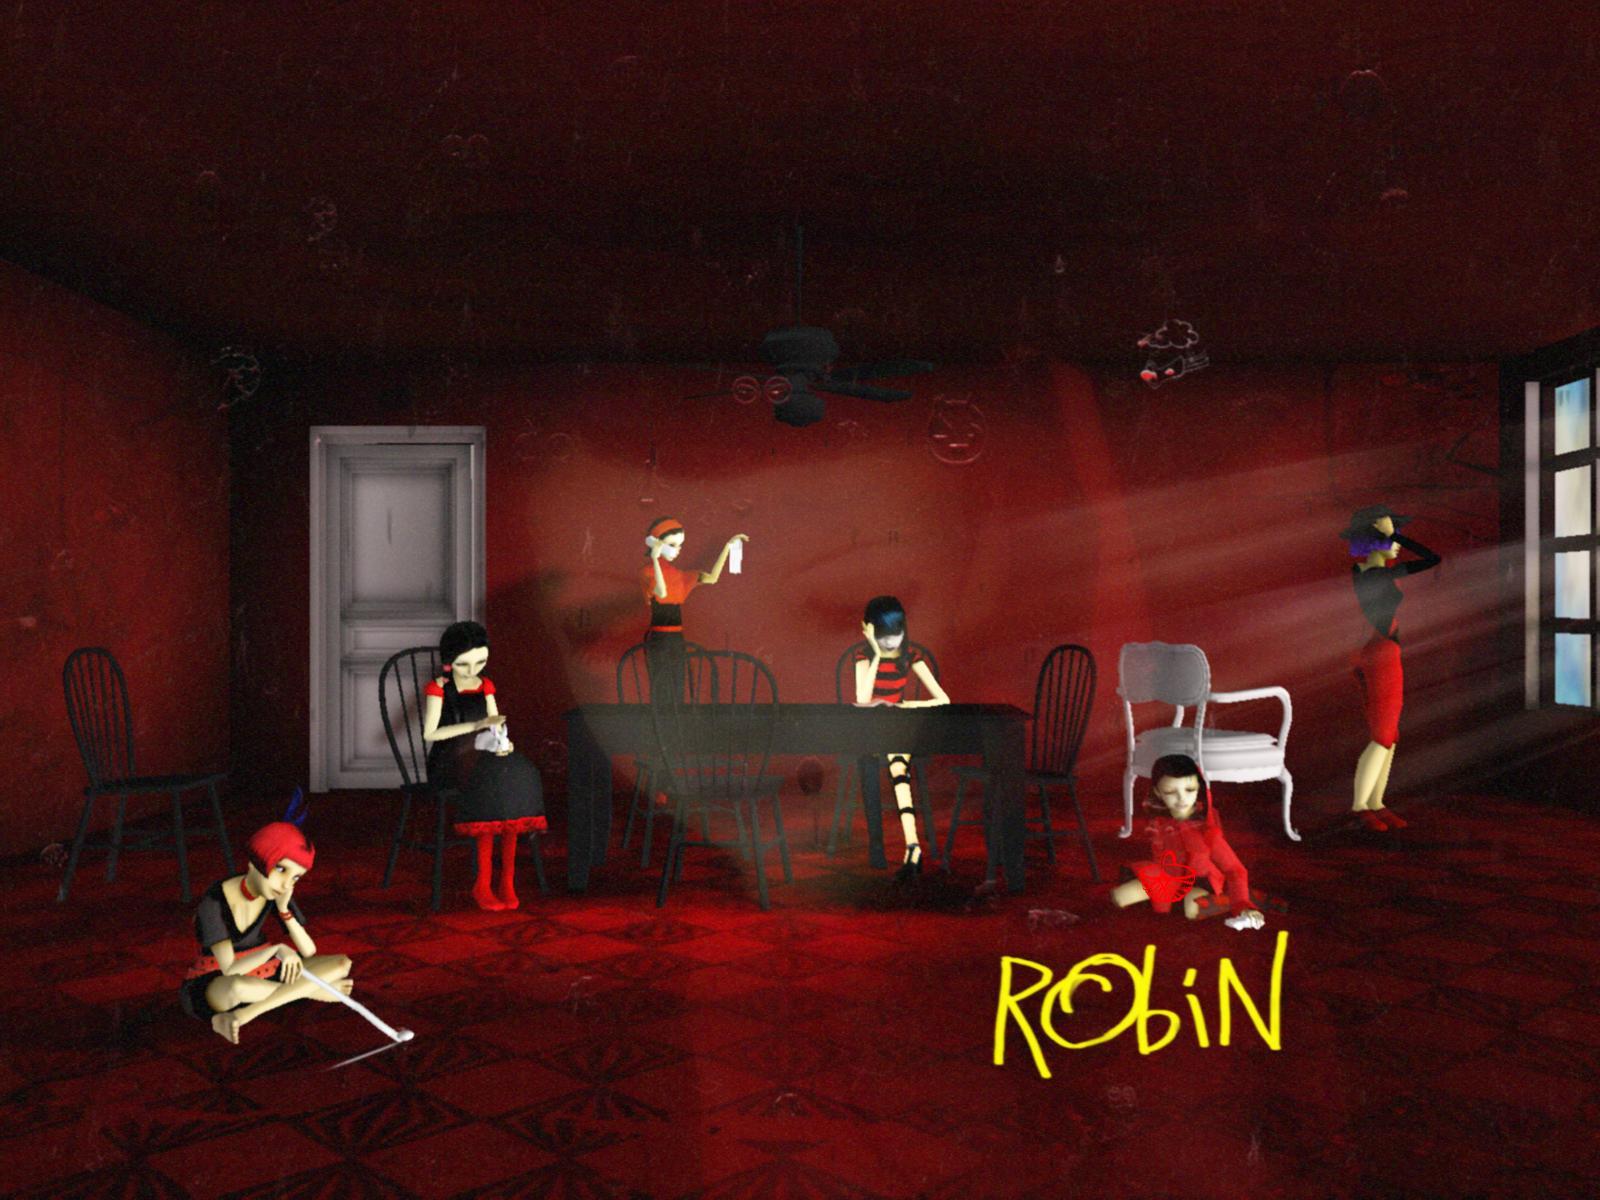 PC,steam,THE PATH,ザ パス,ROBIN,ロビン